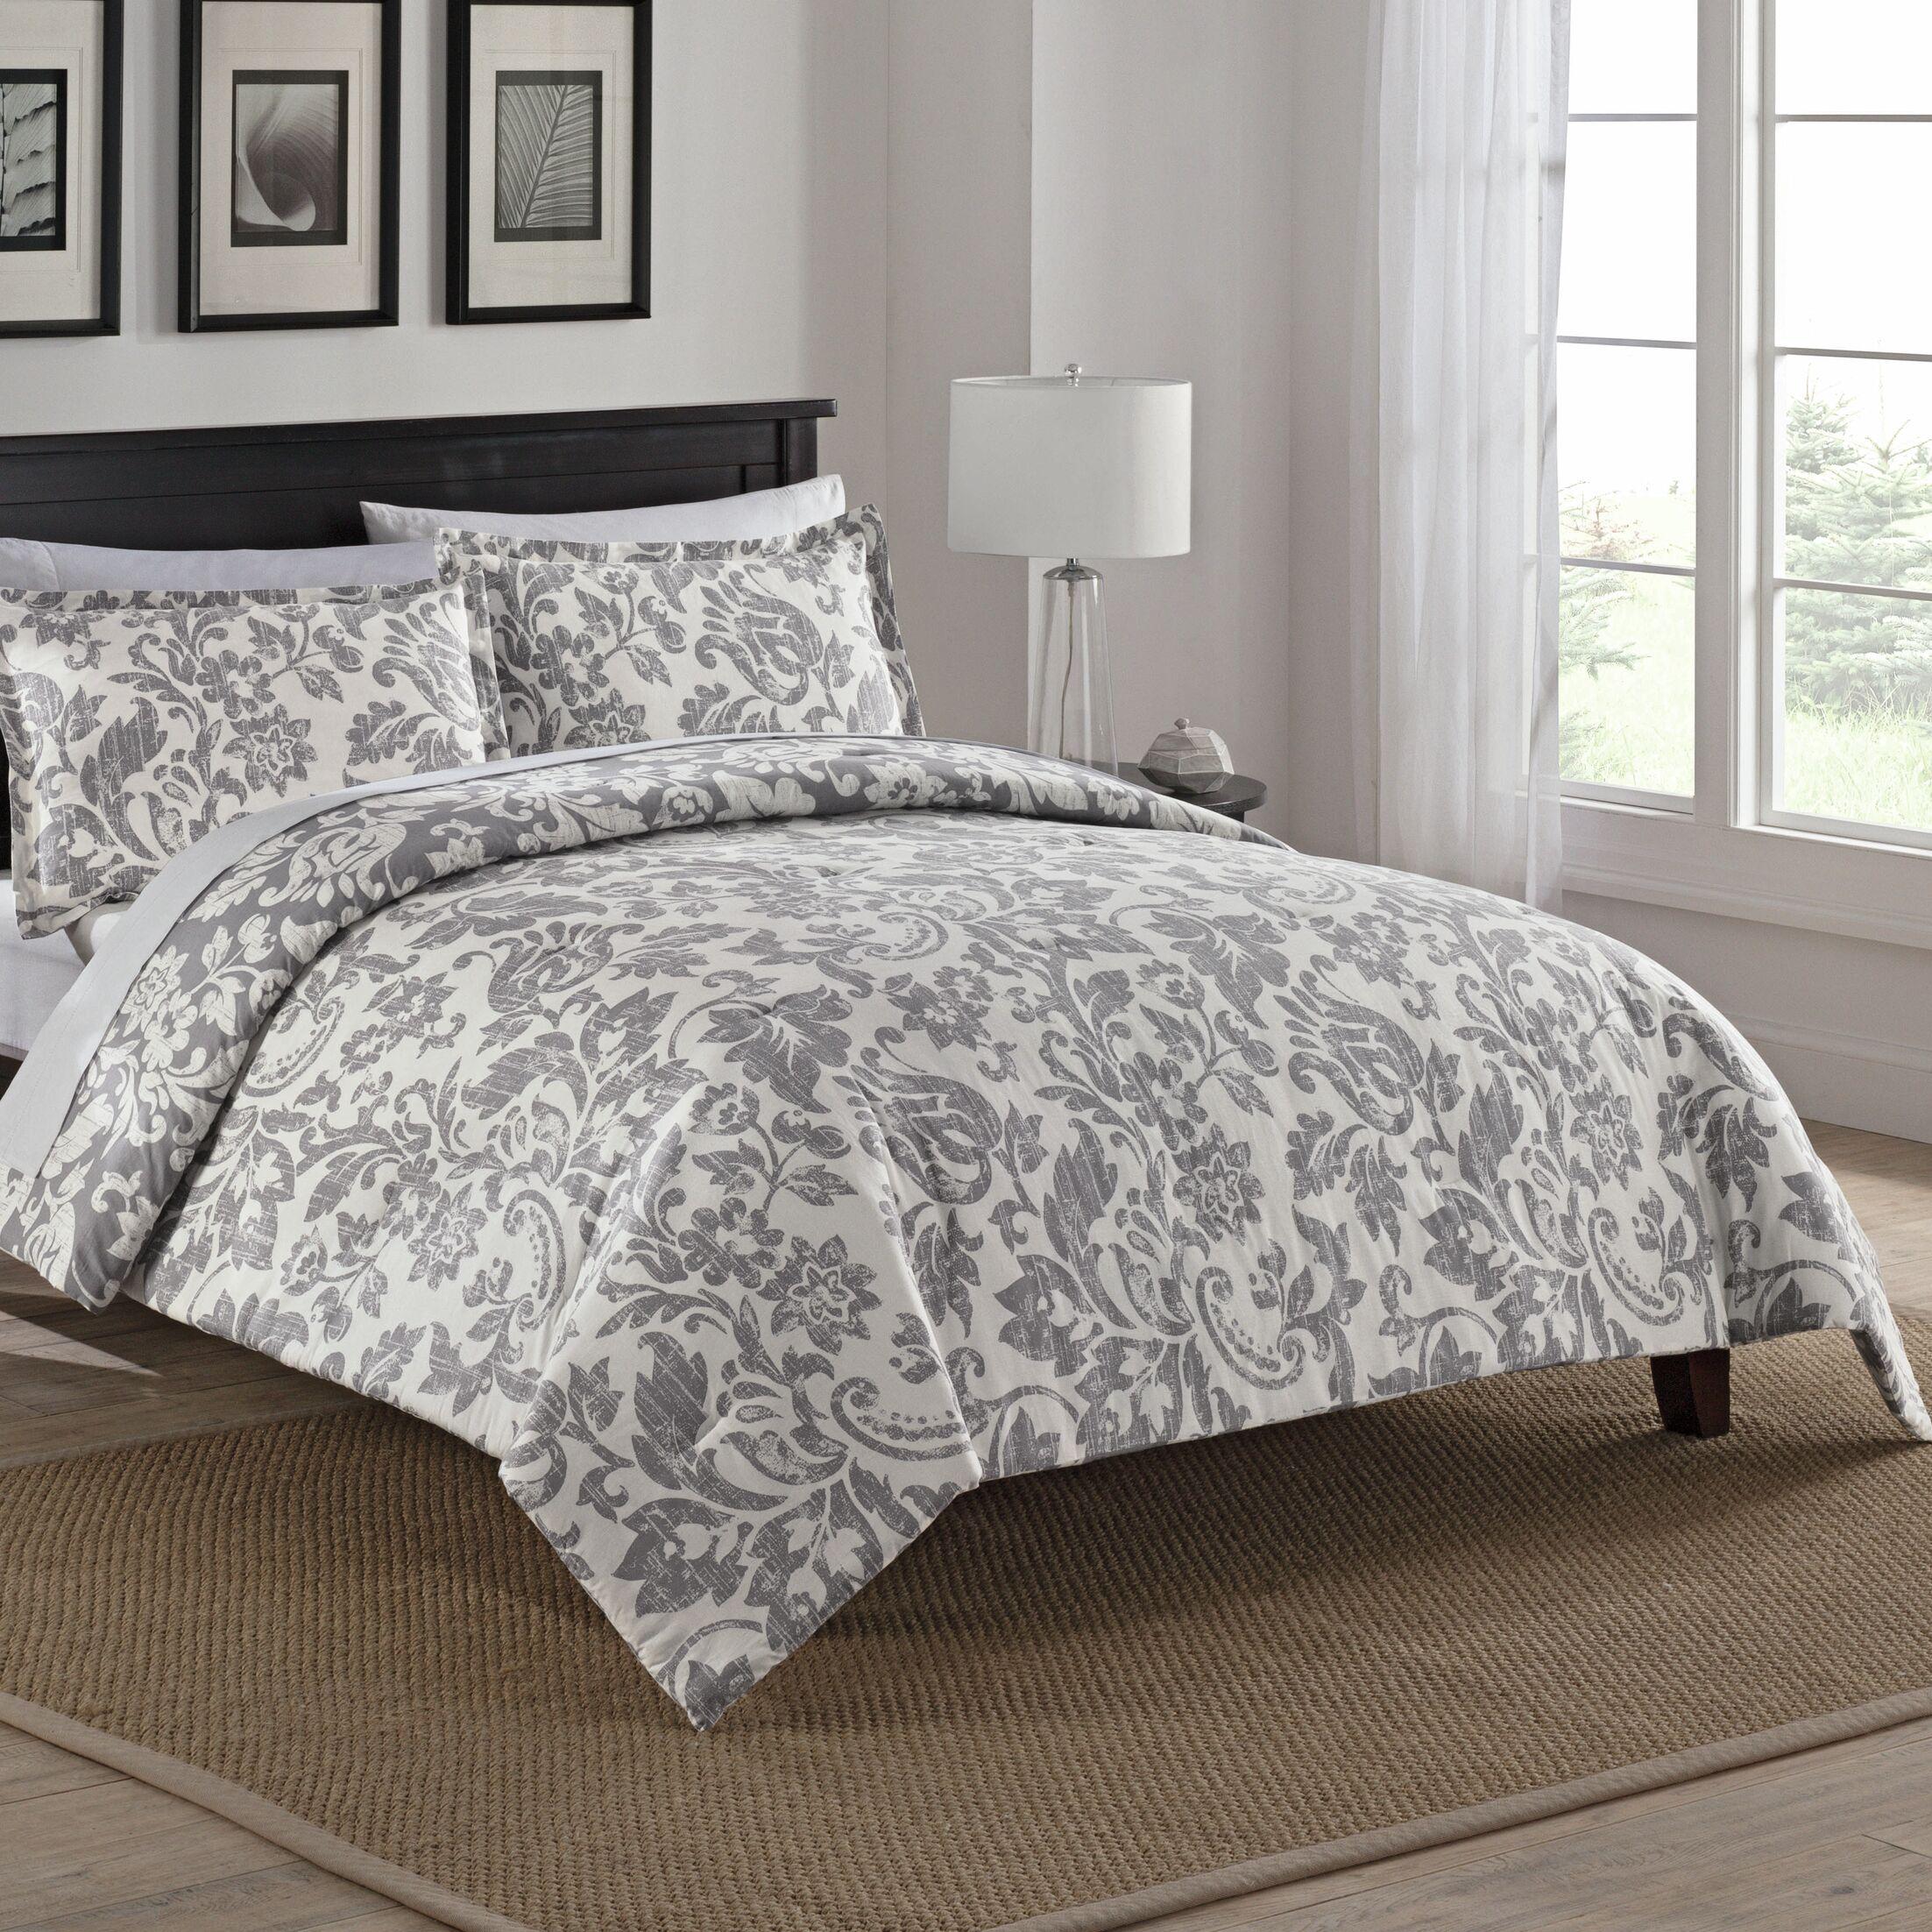 Bonniefield 100% Cotton 3 Piece Reversible Comforter Set